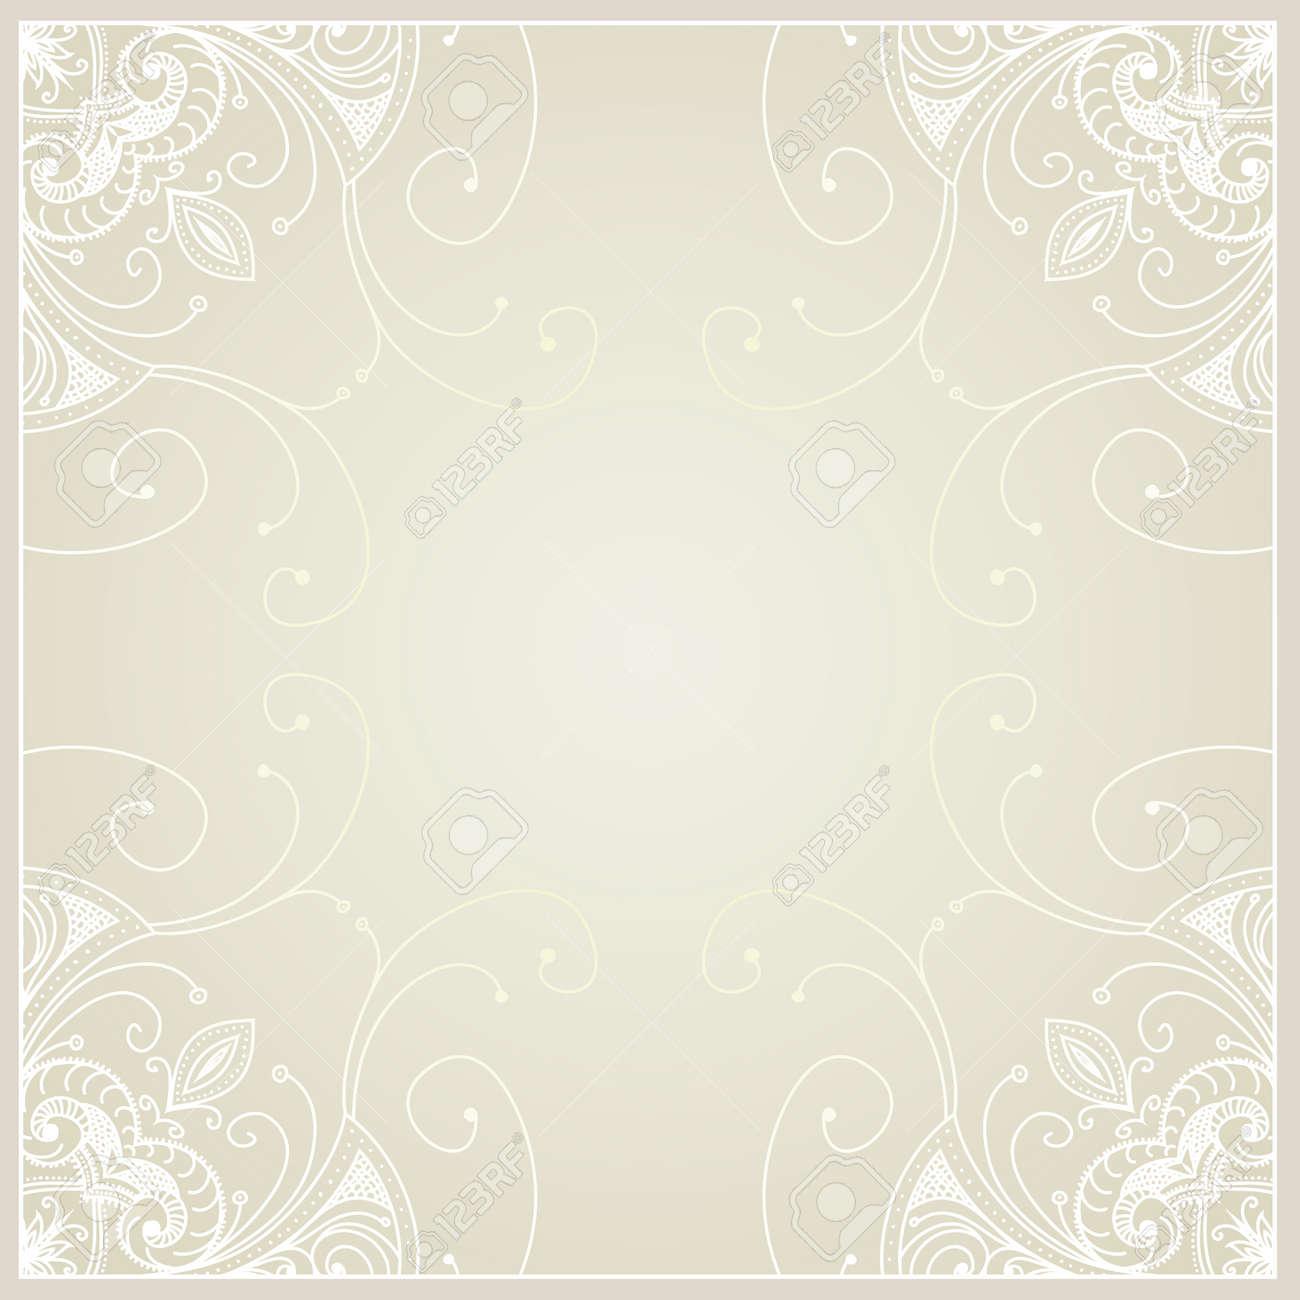 Abstrakter Hintergrund Mit Geometrischen Zierrahmen Blumenfeld